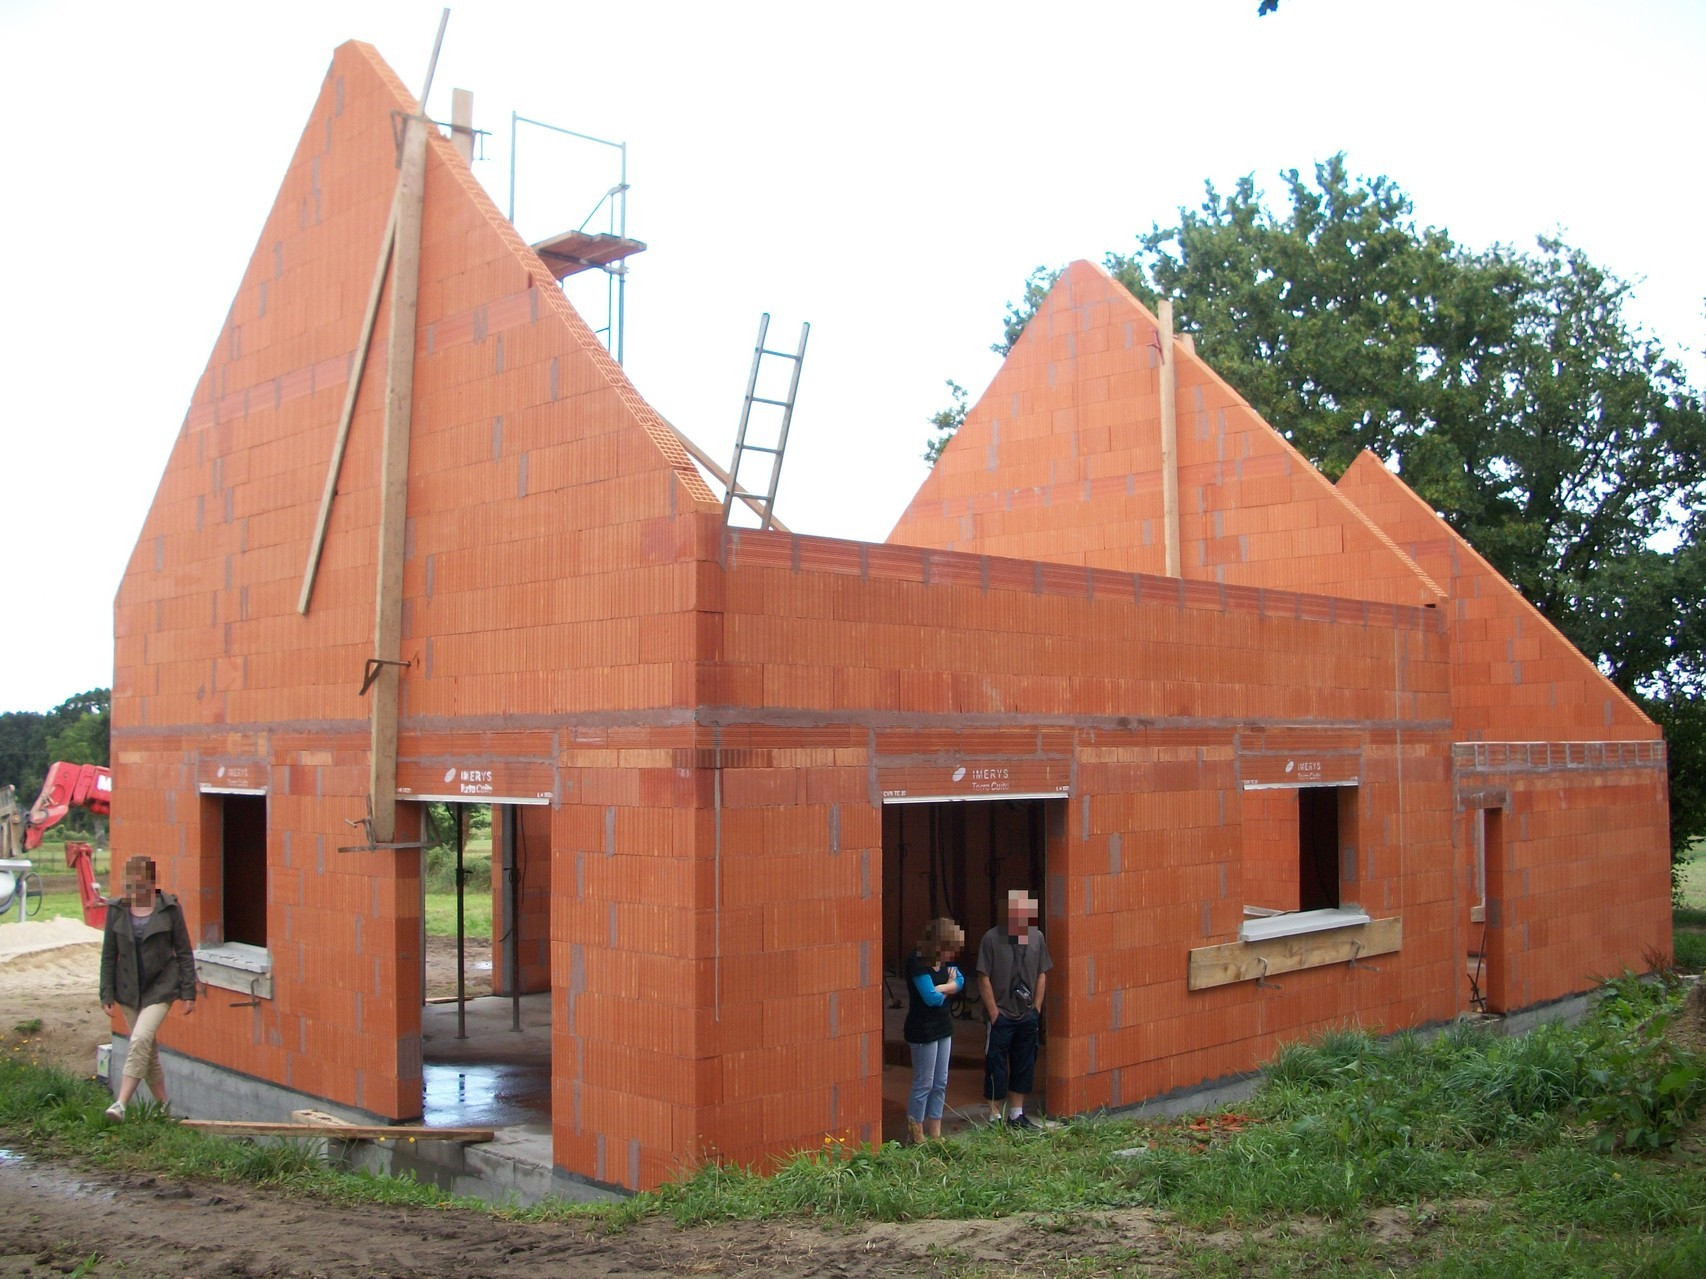 Meilleur Maison : Le meilleur constructeur de maison ventana